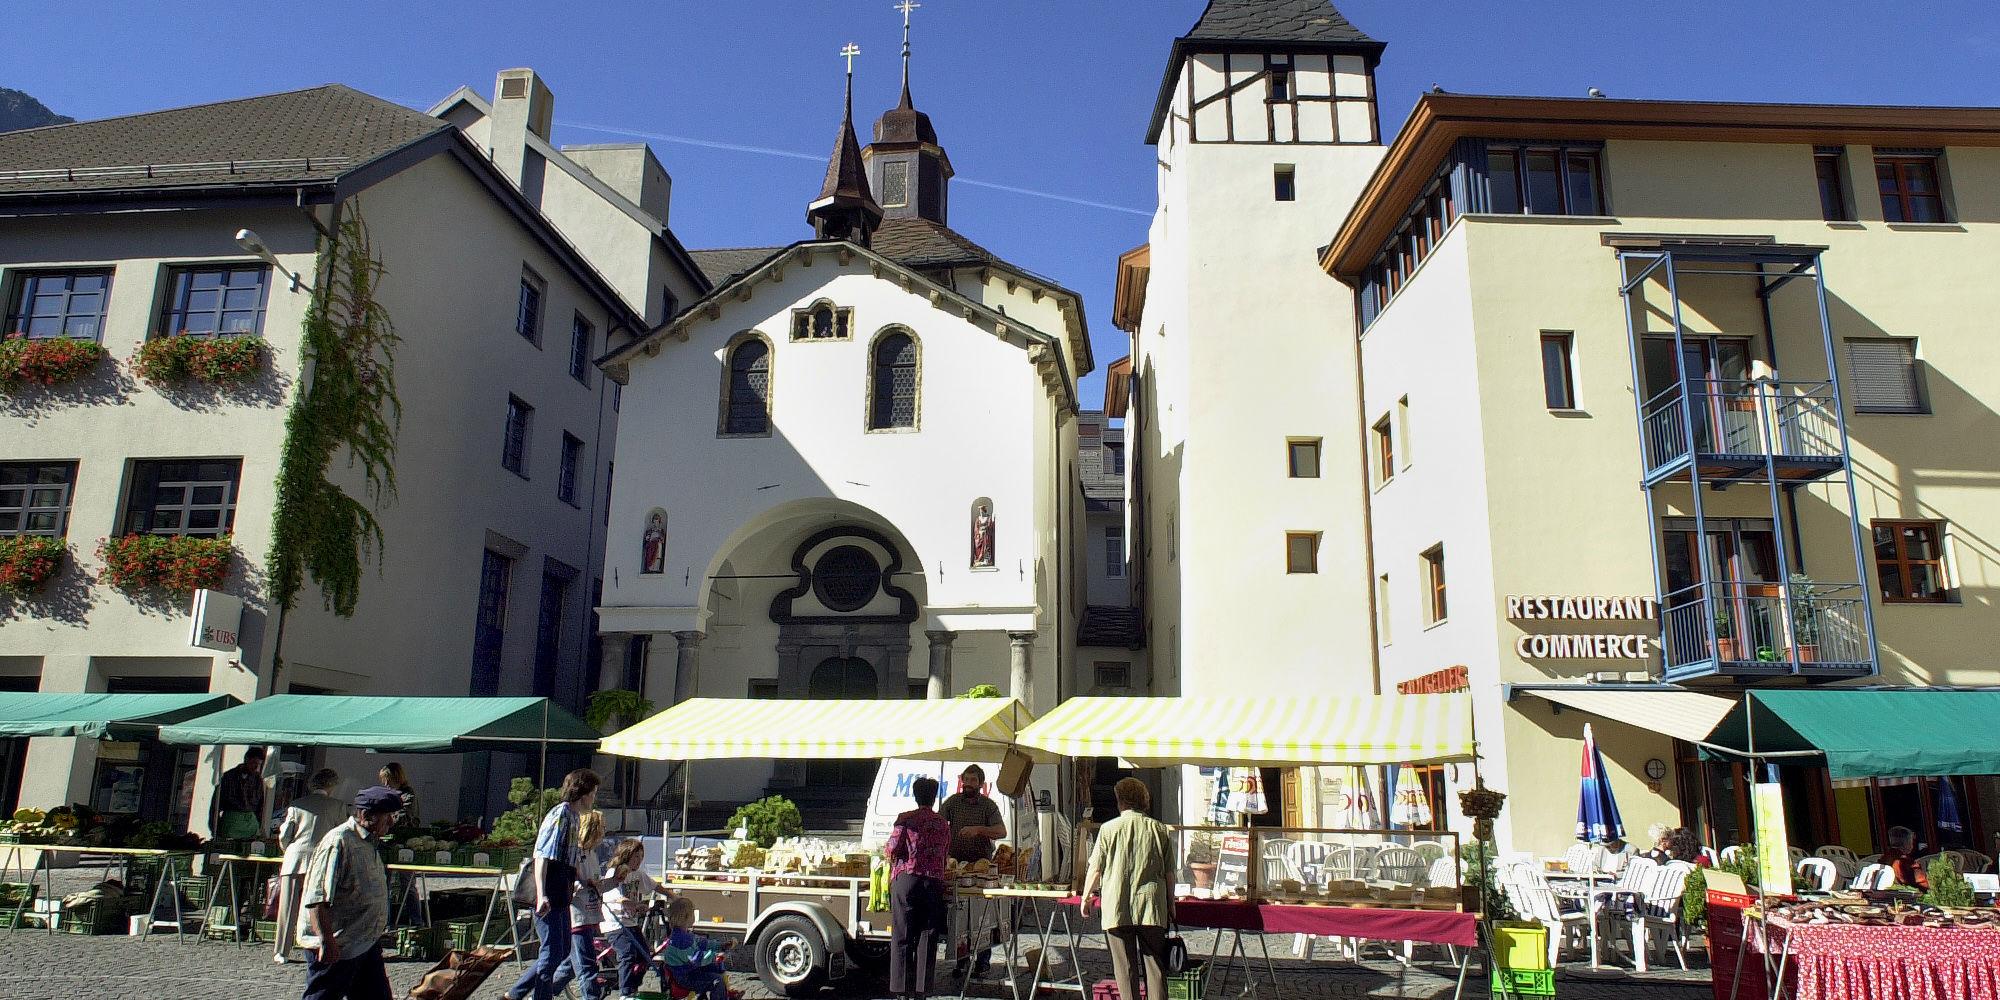 Brig Markt